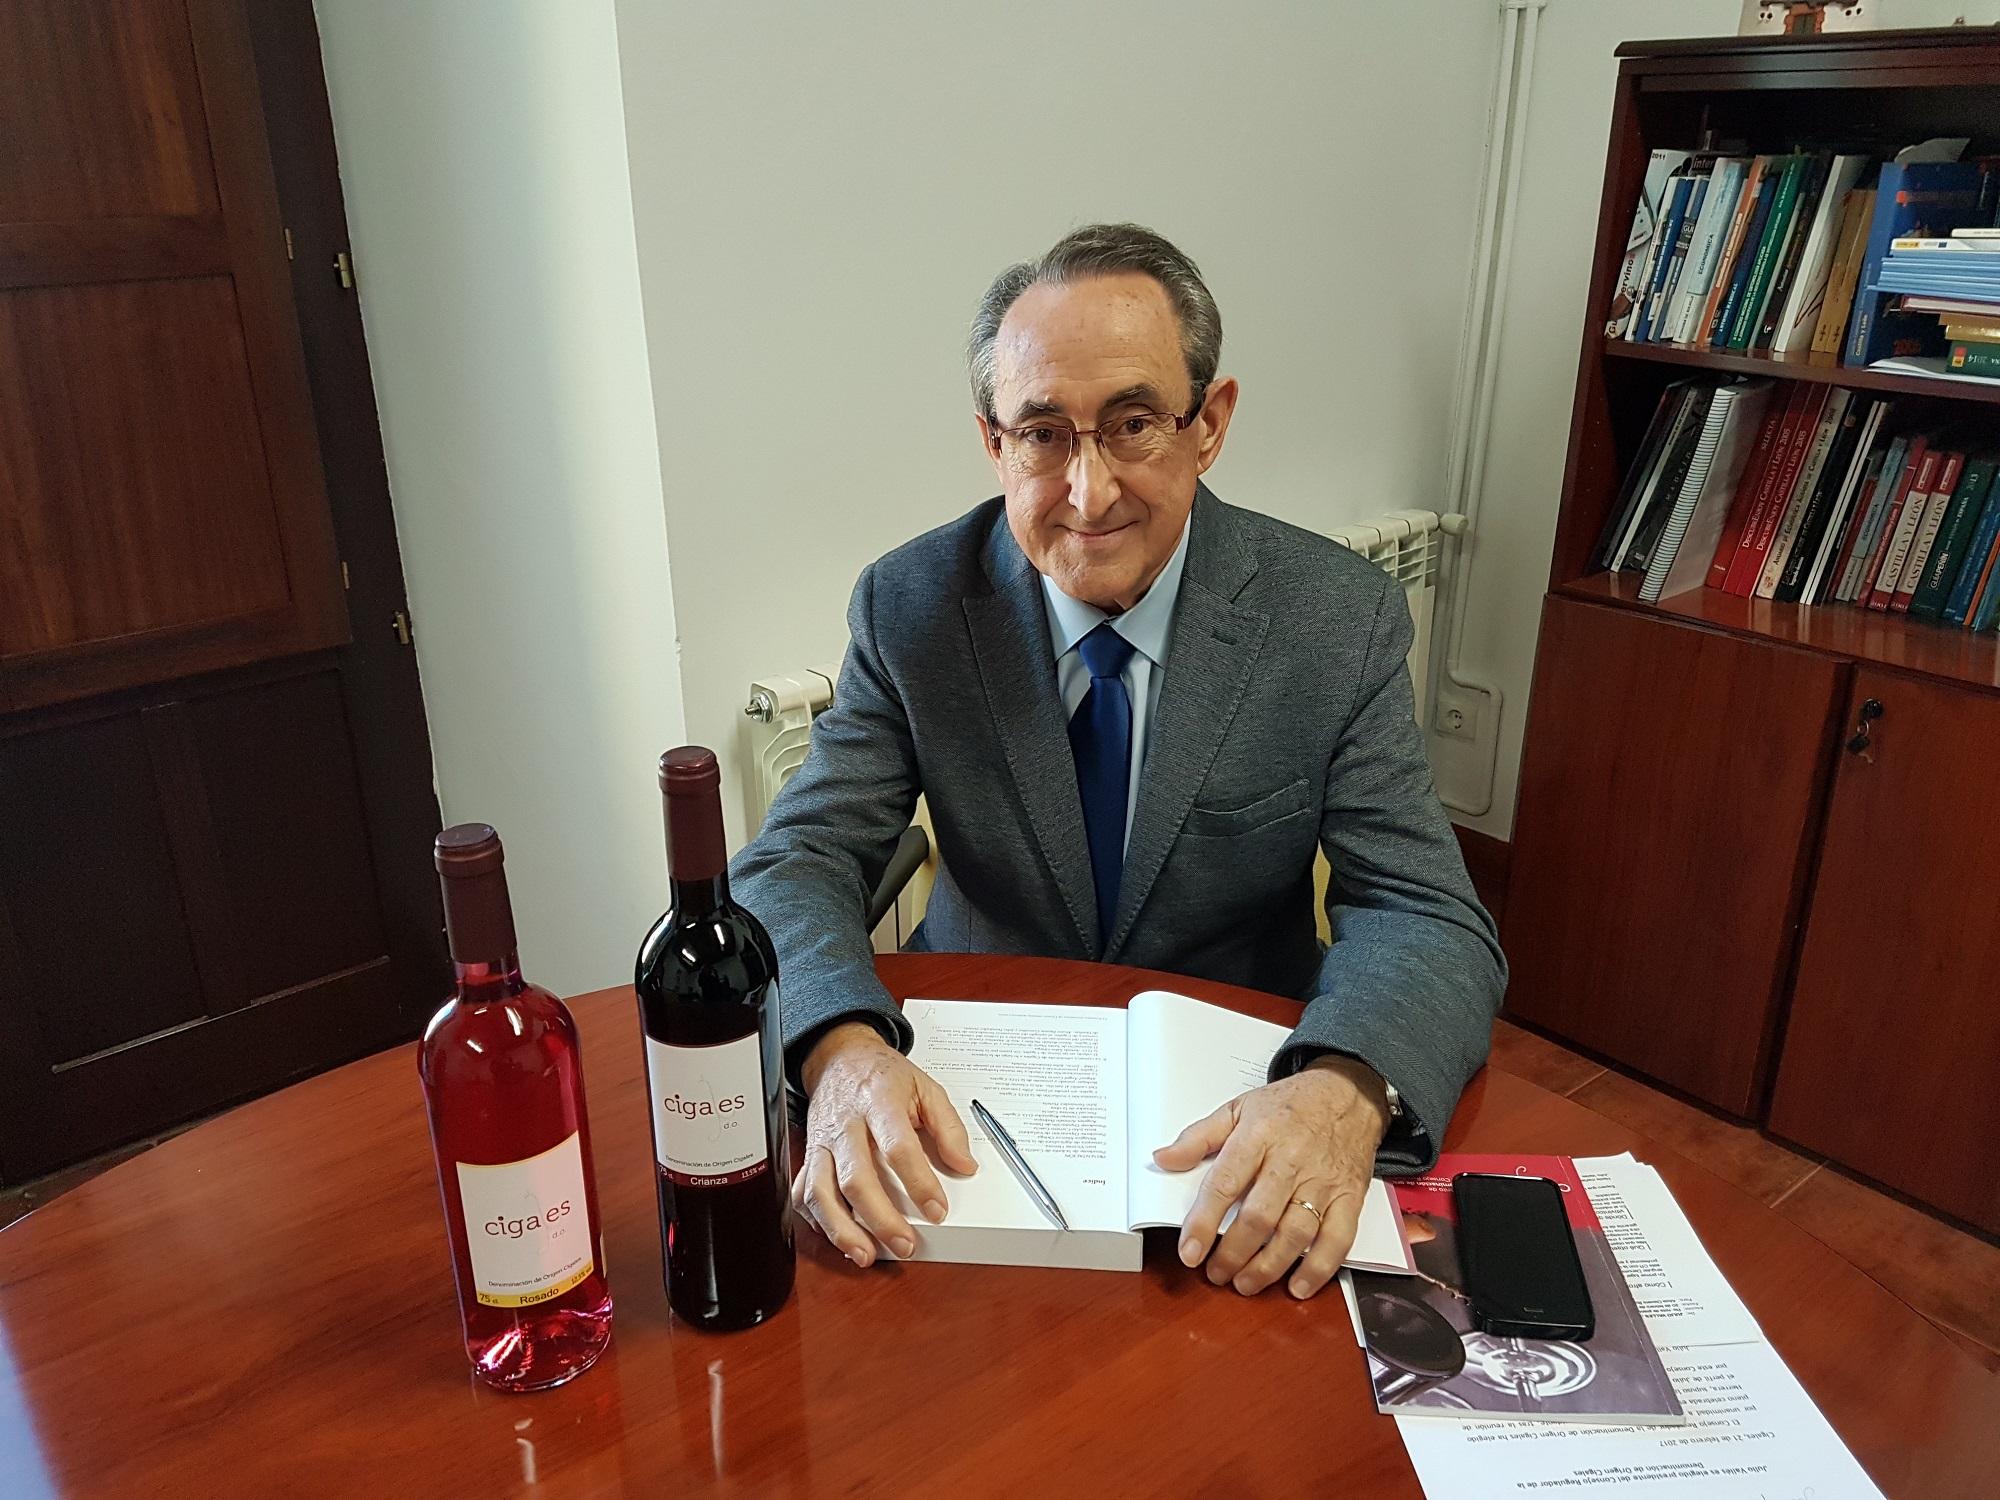 Julio Valles es elegido presidente del Consejo Regulador de la Denominación de Origen Cigales